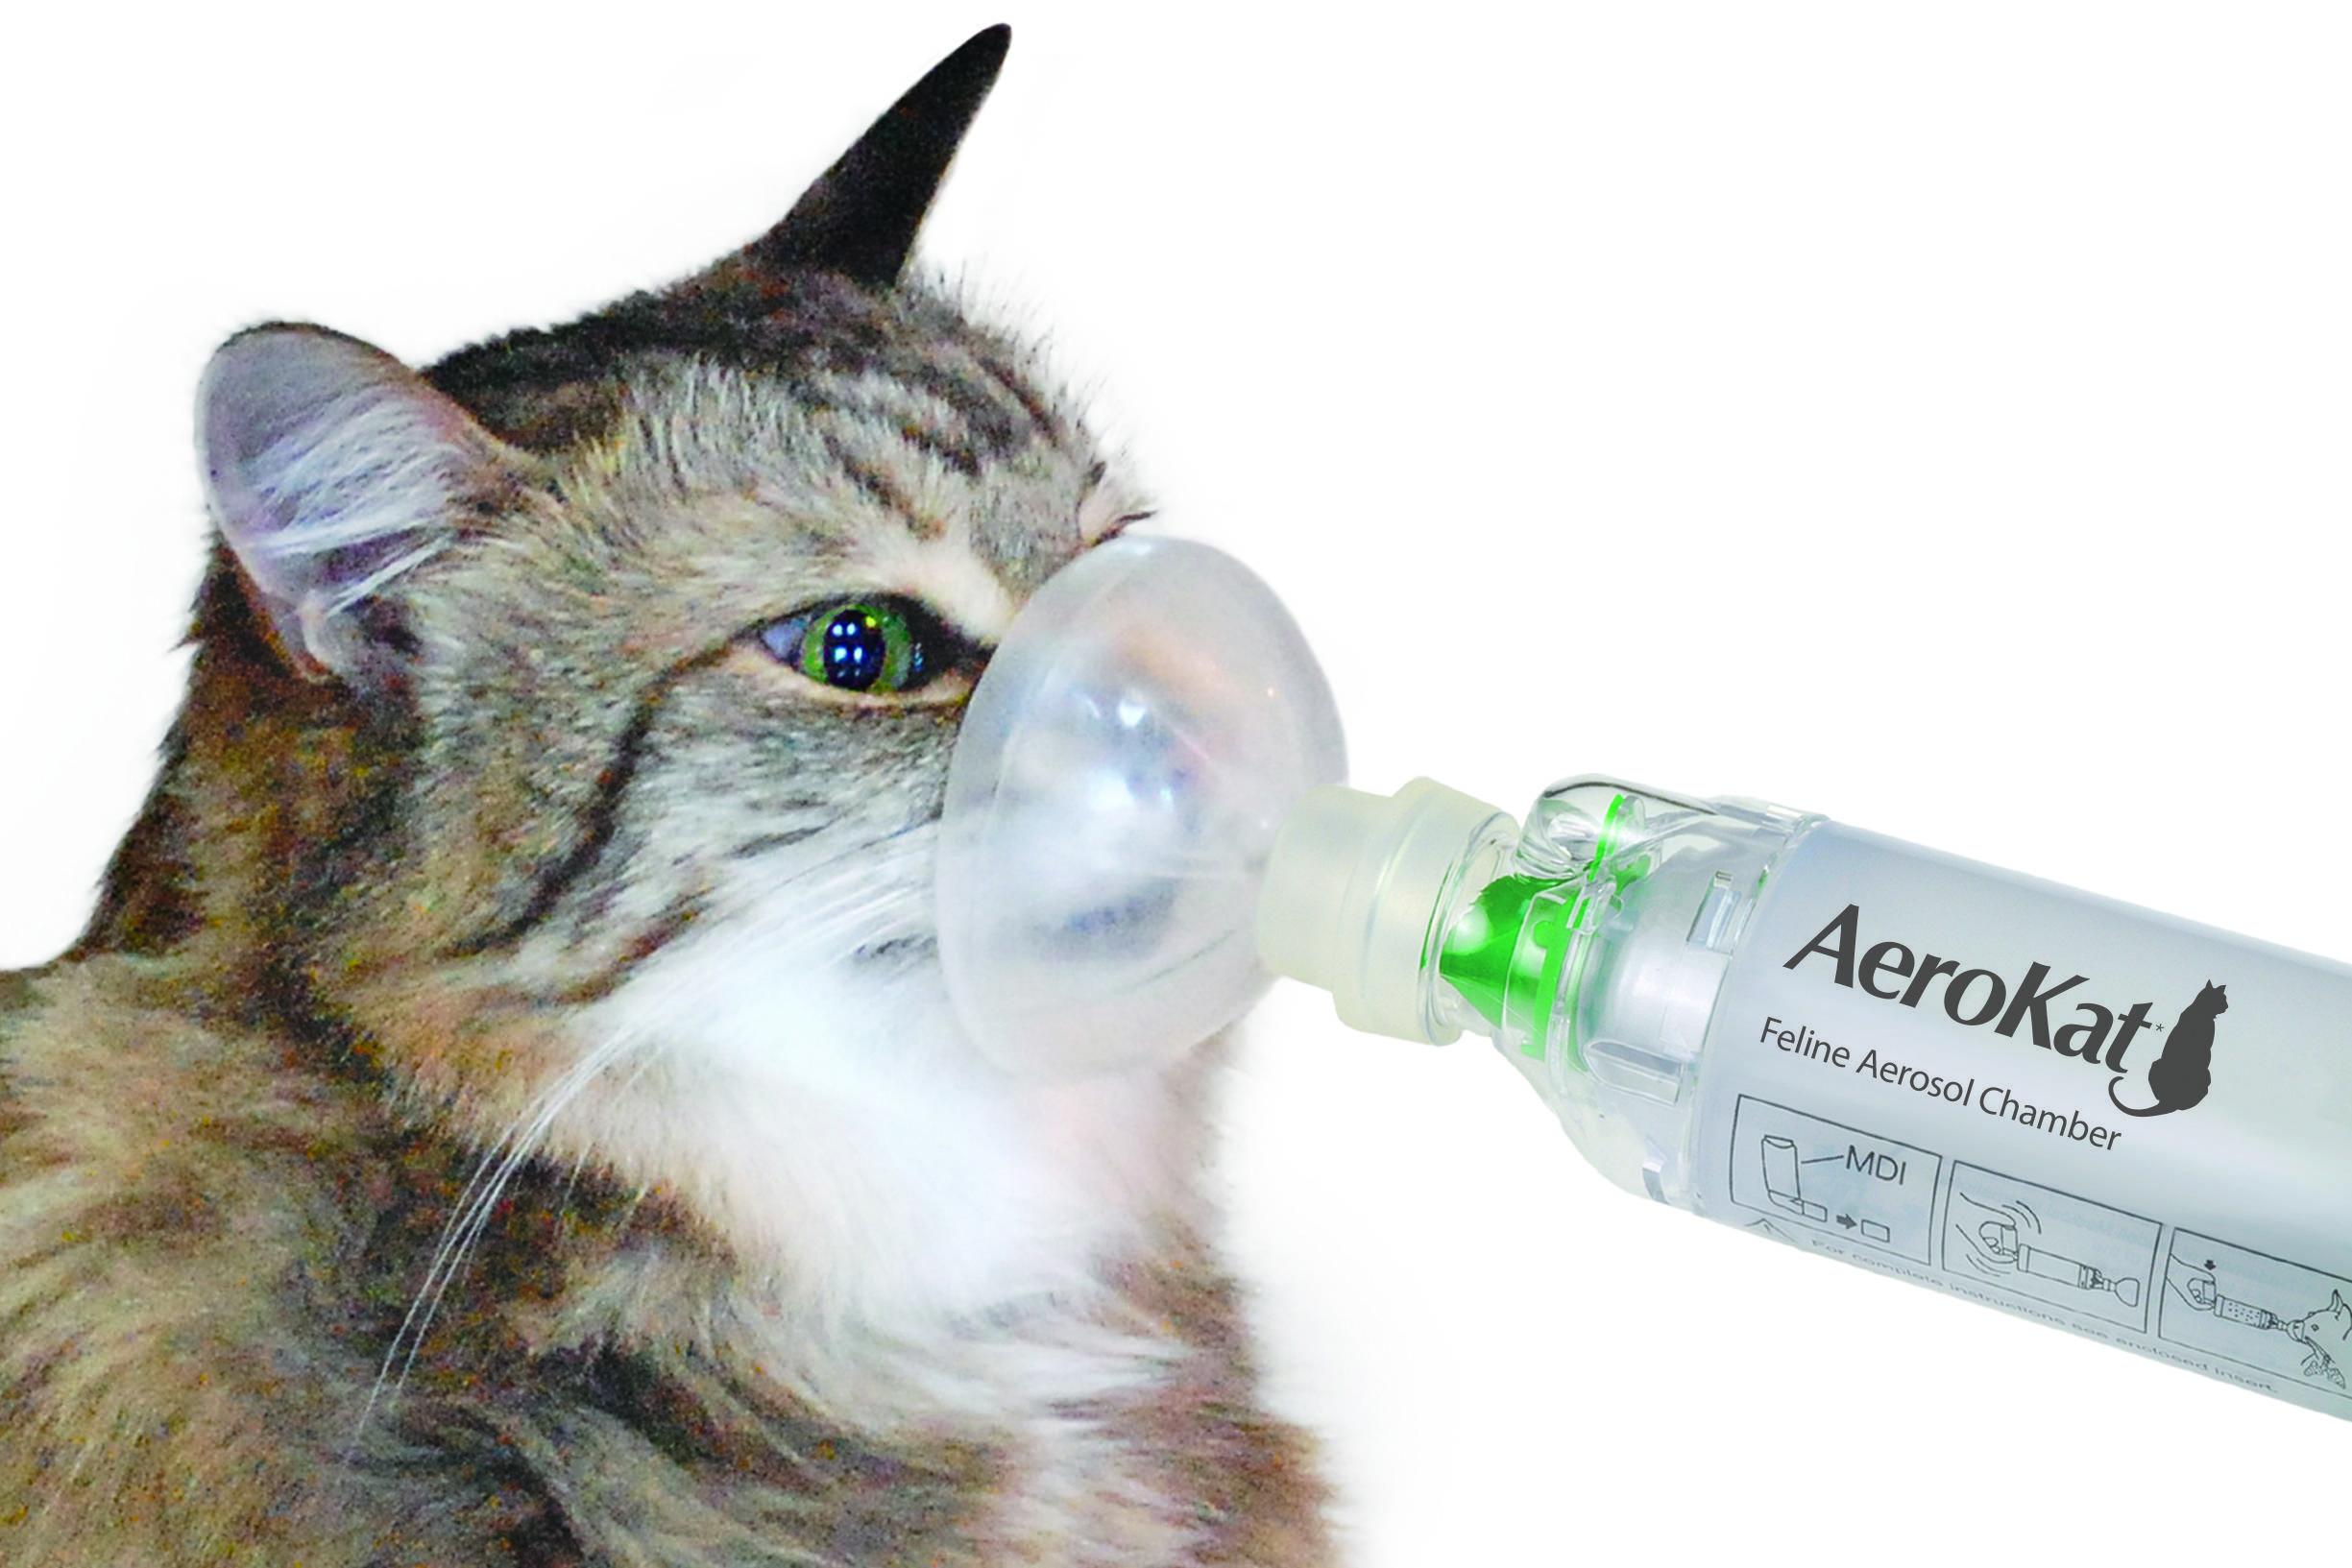 Котёнок тяжело дышит: причины, что делать. особенности дыхания котят, почему котёнок вдруг начал тяжело и с трудом дышать – первая помощь питомцу - автор екатерина данилова - журнал женское мнение